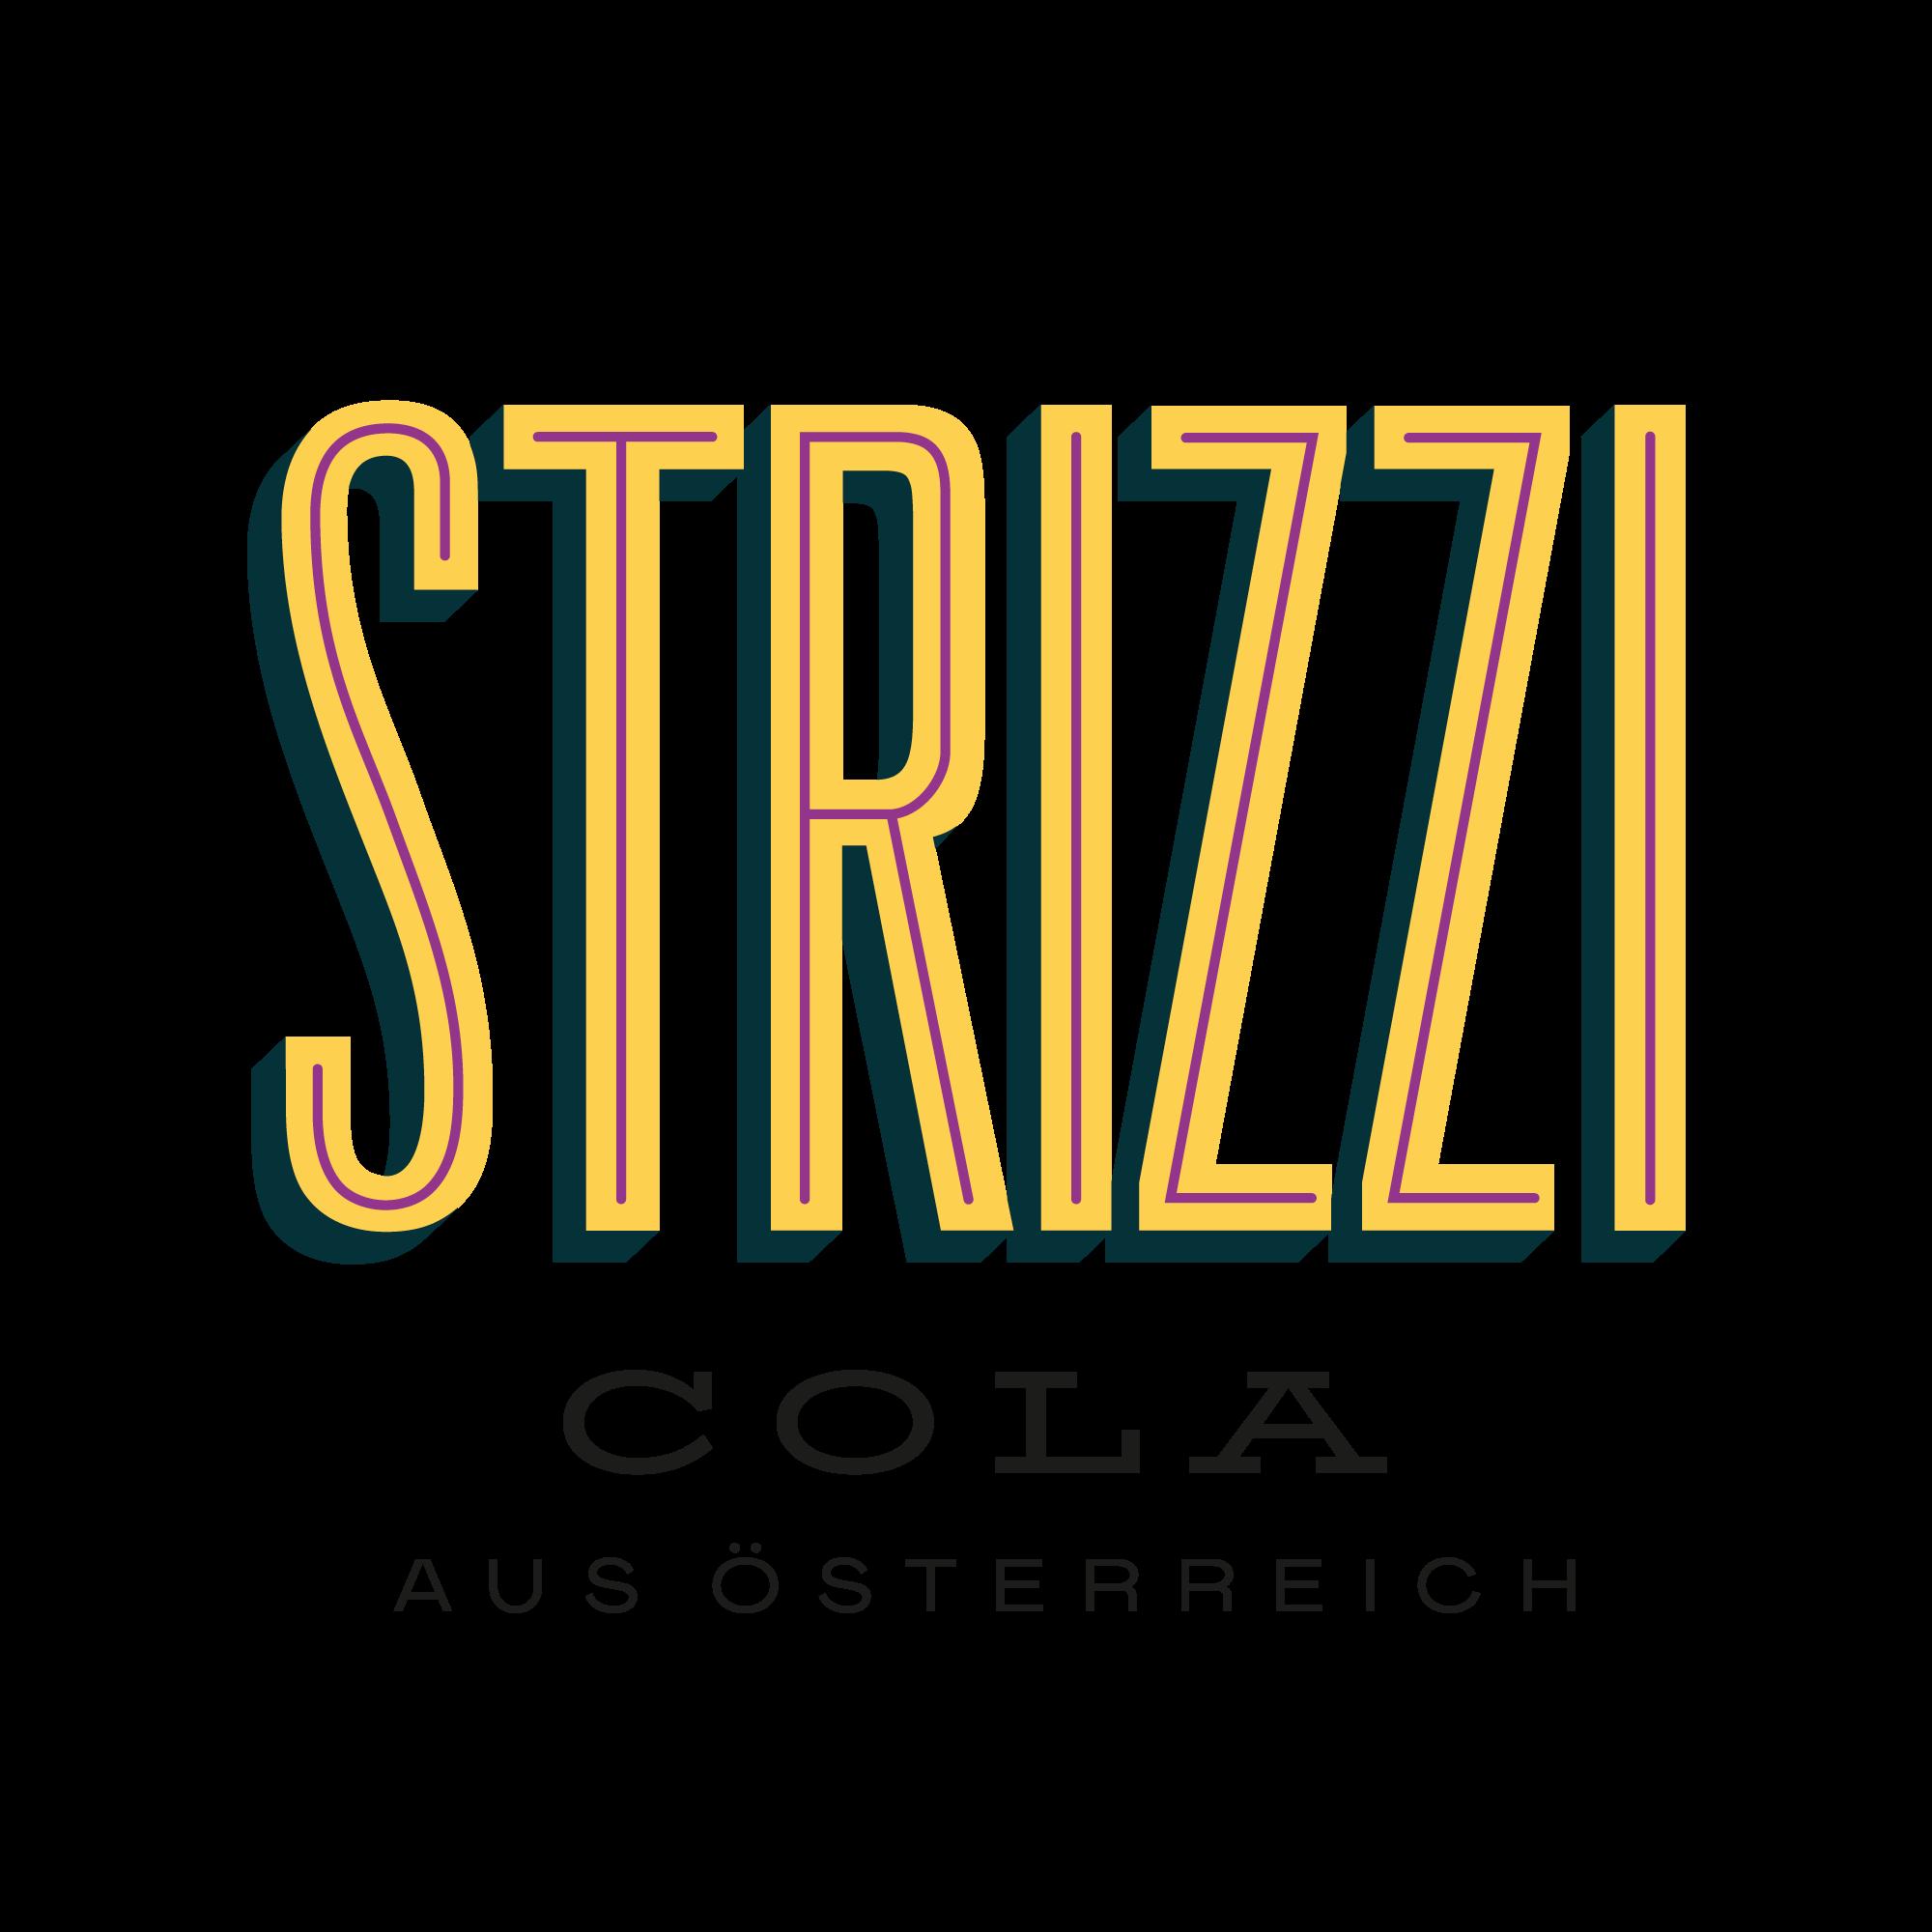 Strizzi Cola aus Österreich